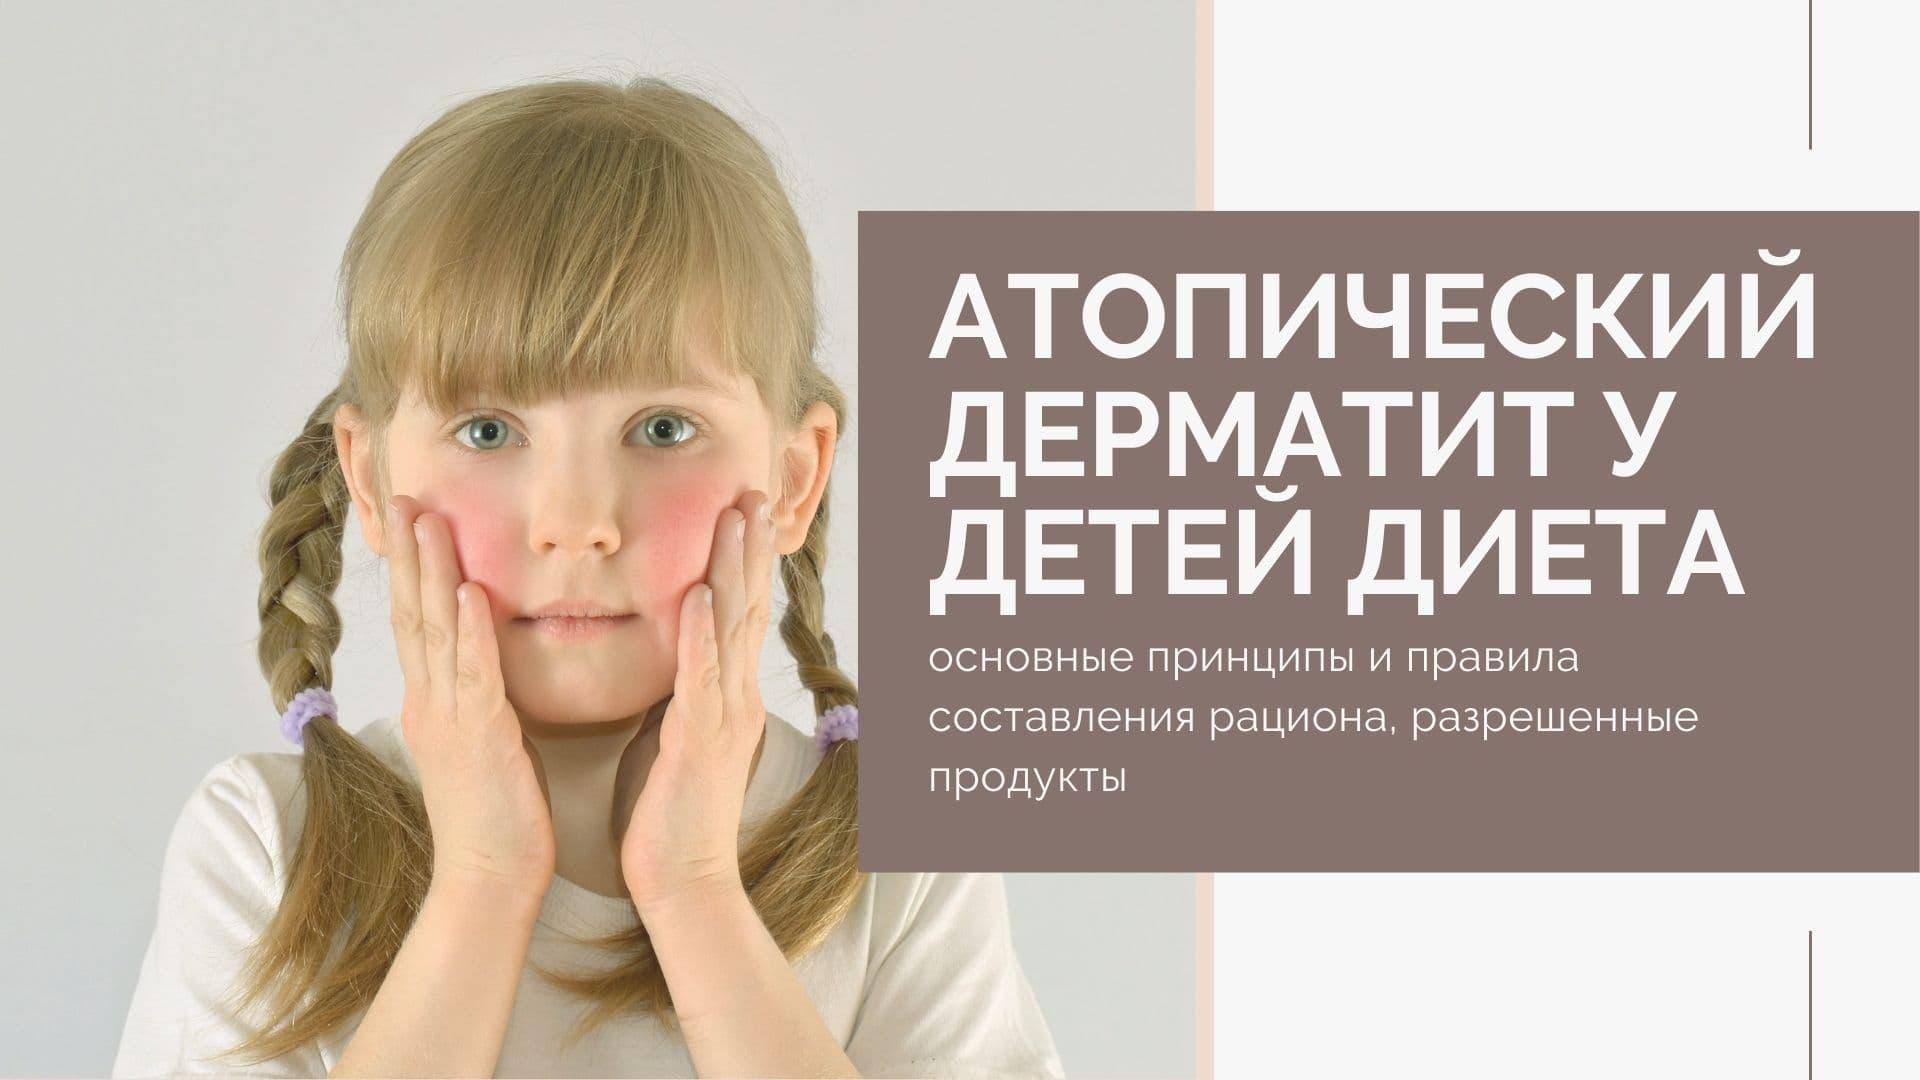 Диета при атопическом дерматите у детей: основные принципы и правила составления рациона, разрешенные продукты